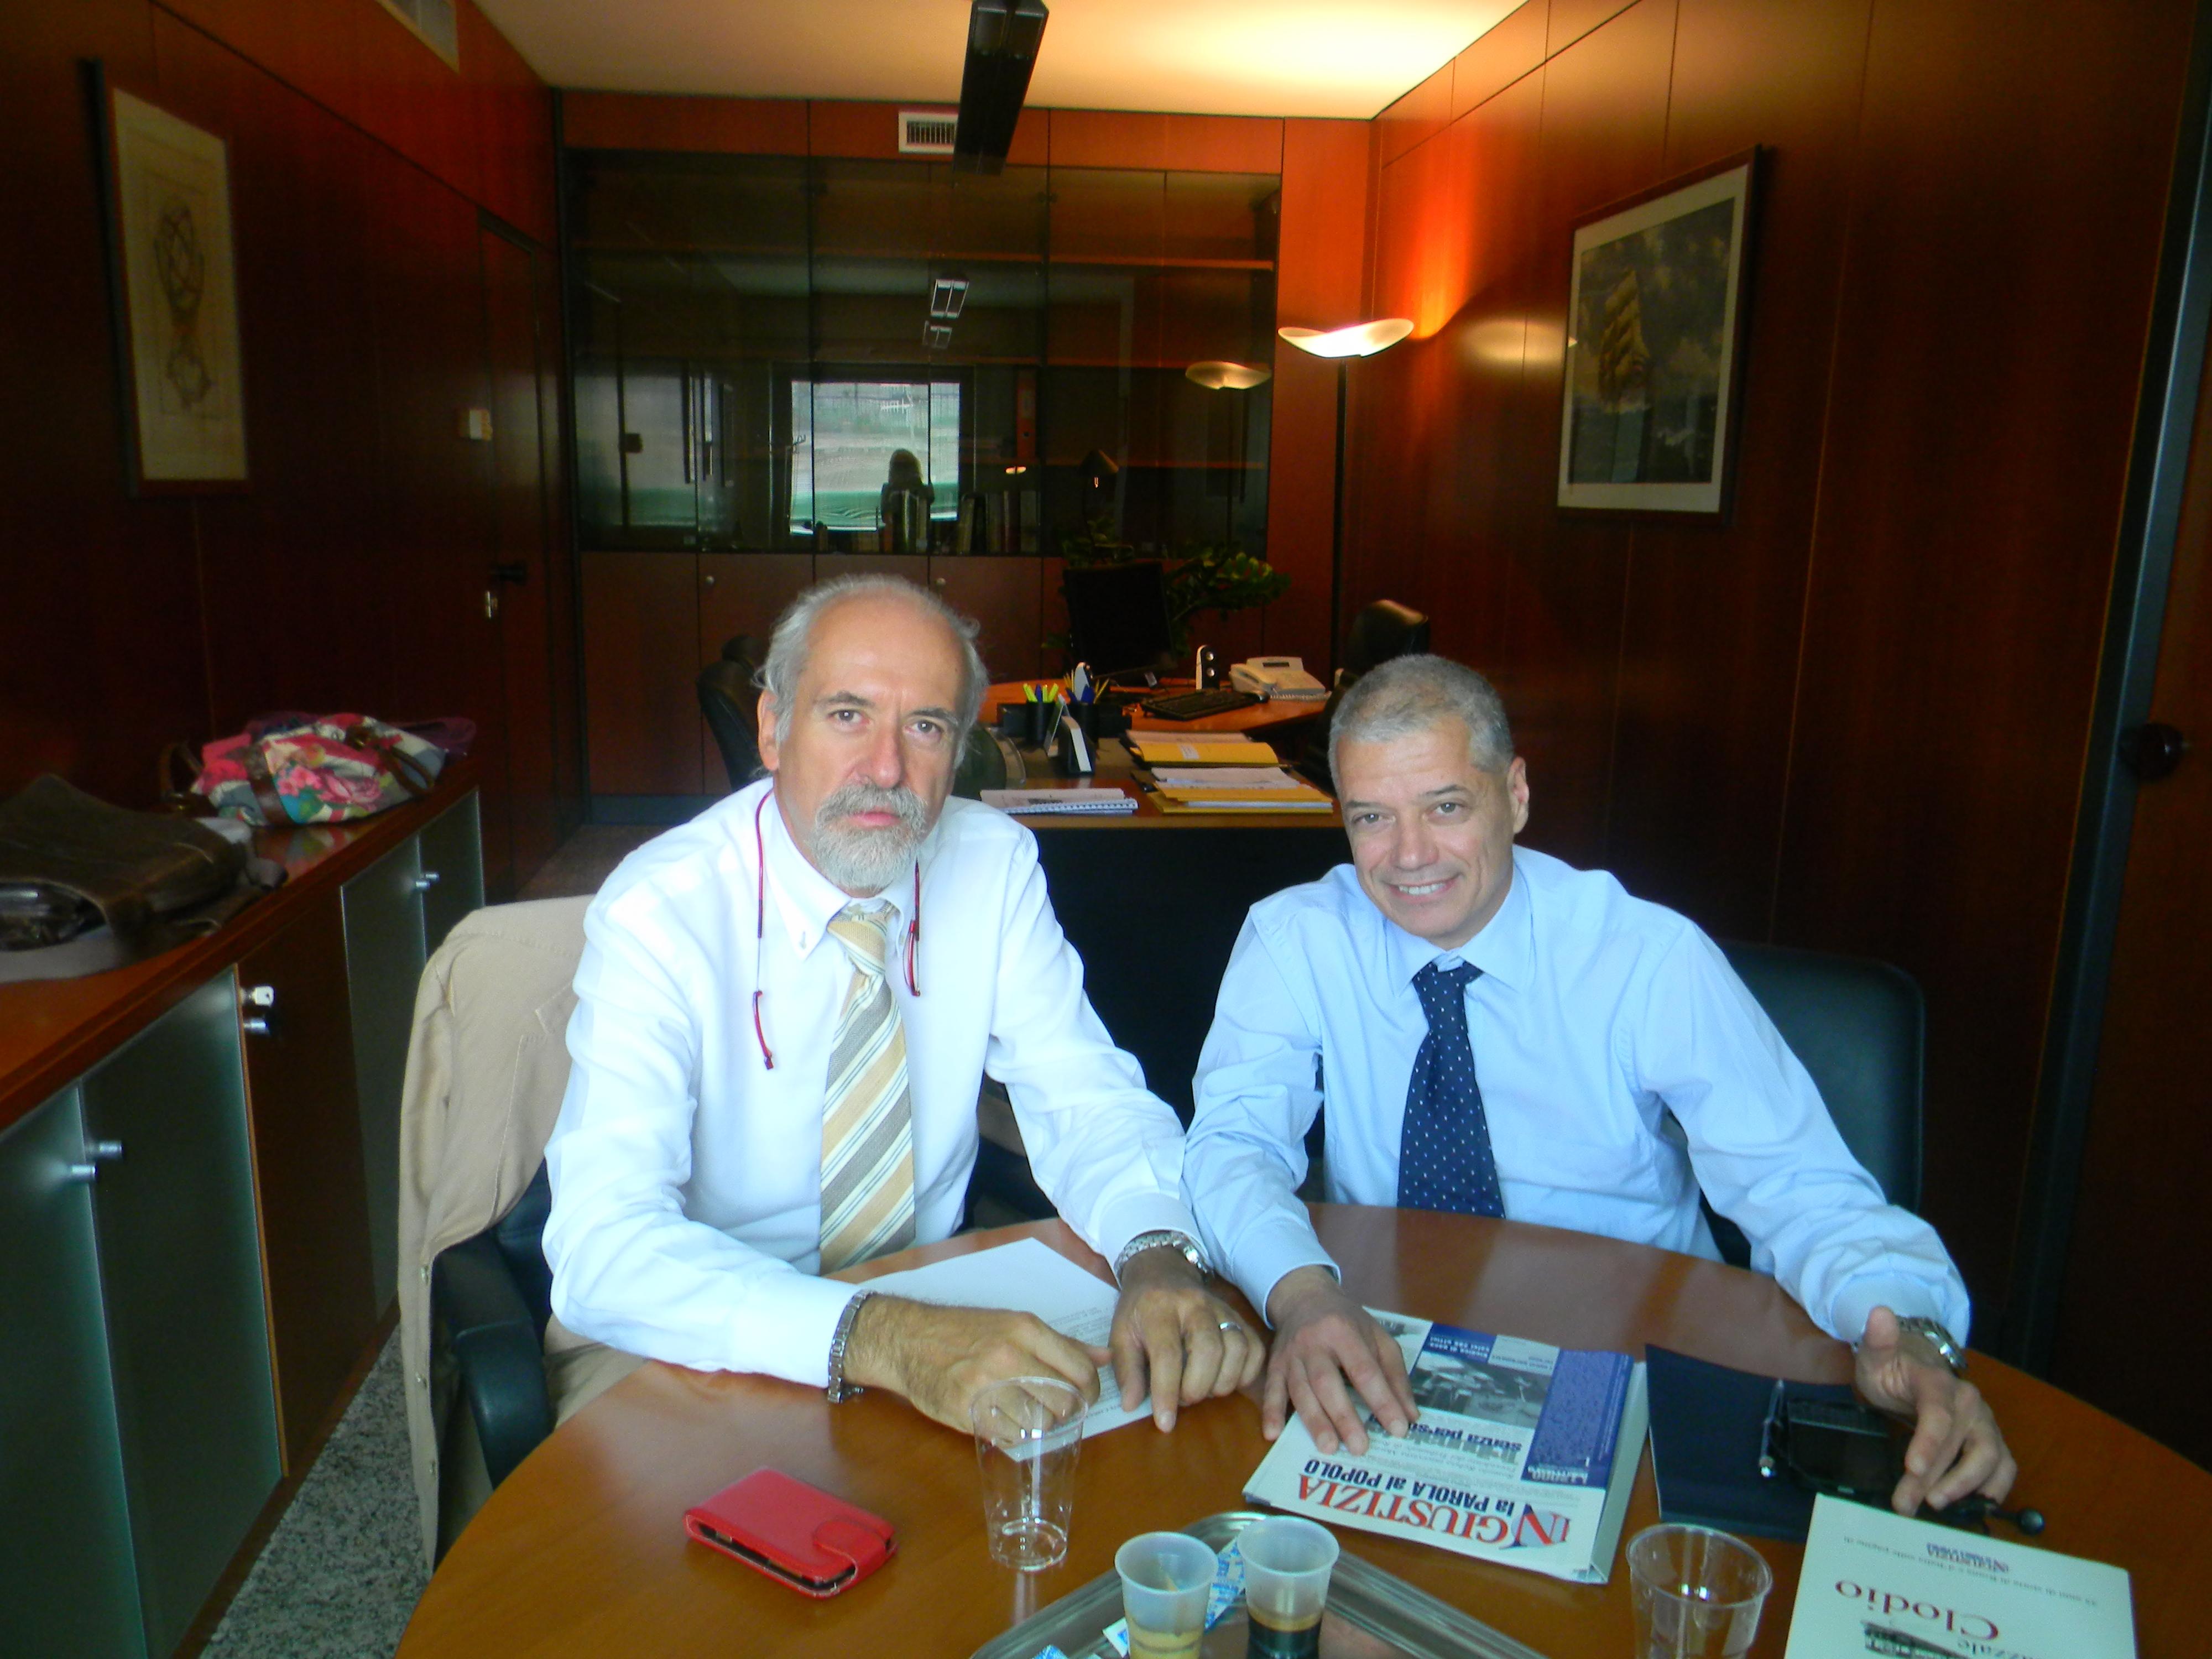 L'avv. Romolo Reboa con il Presidente di Cassa Forense, avv. Nunzio Luciano